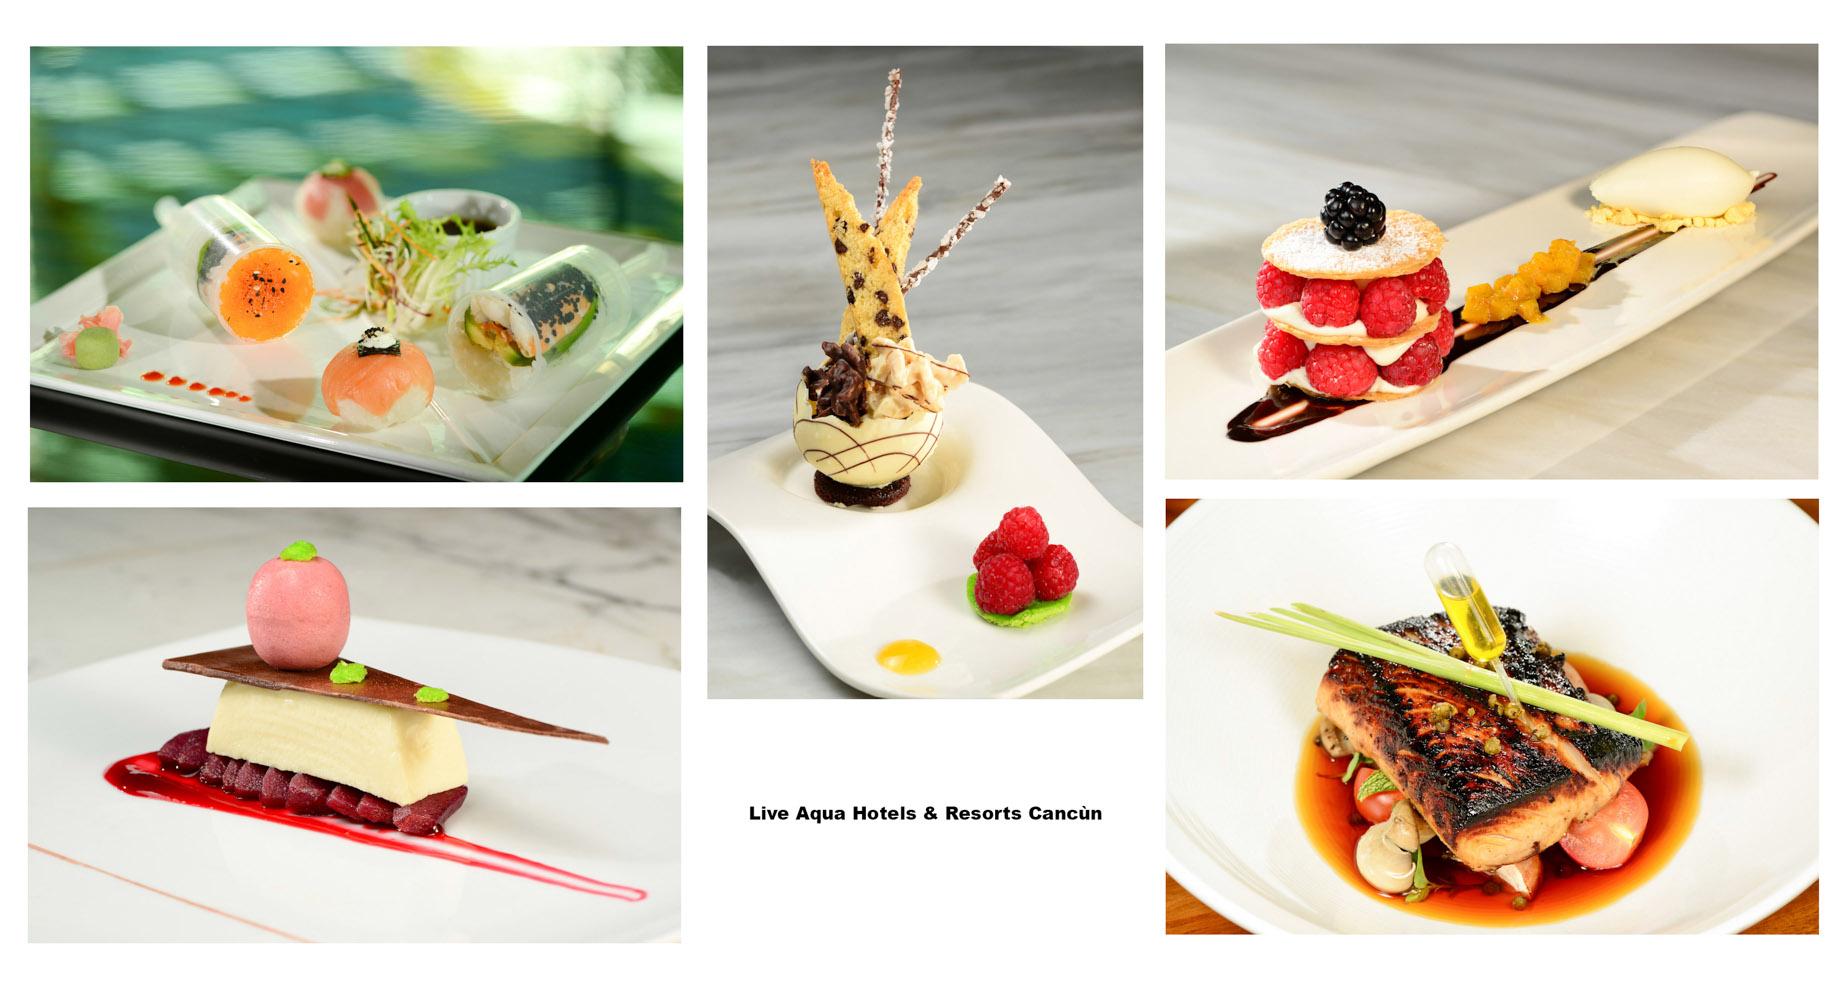 53Live Aqua Hotels & Resorts Cancún